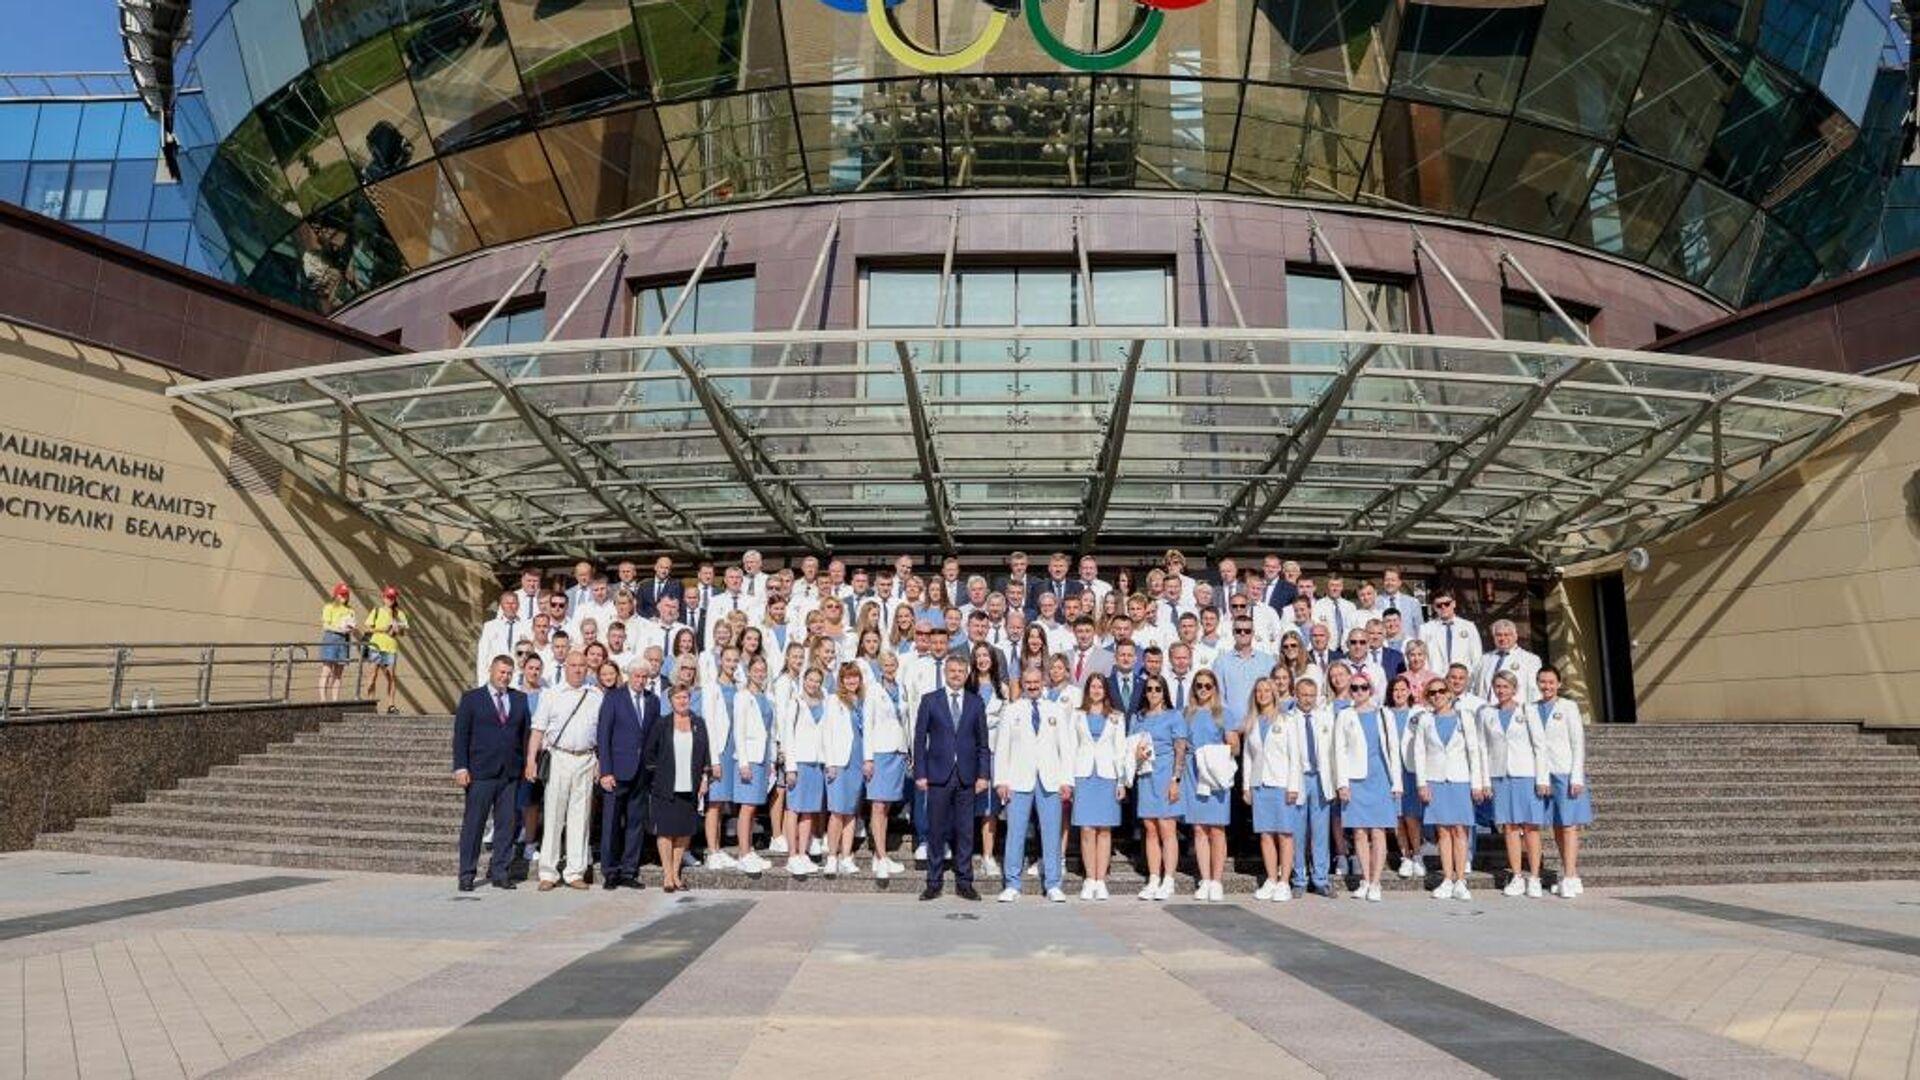 Спортивная делегация Беларуси на Олимпиаду в Токио - Sputnik Беларусь, 1920, 21.07.2021